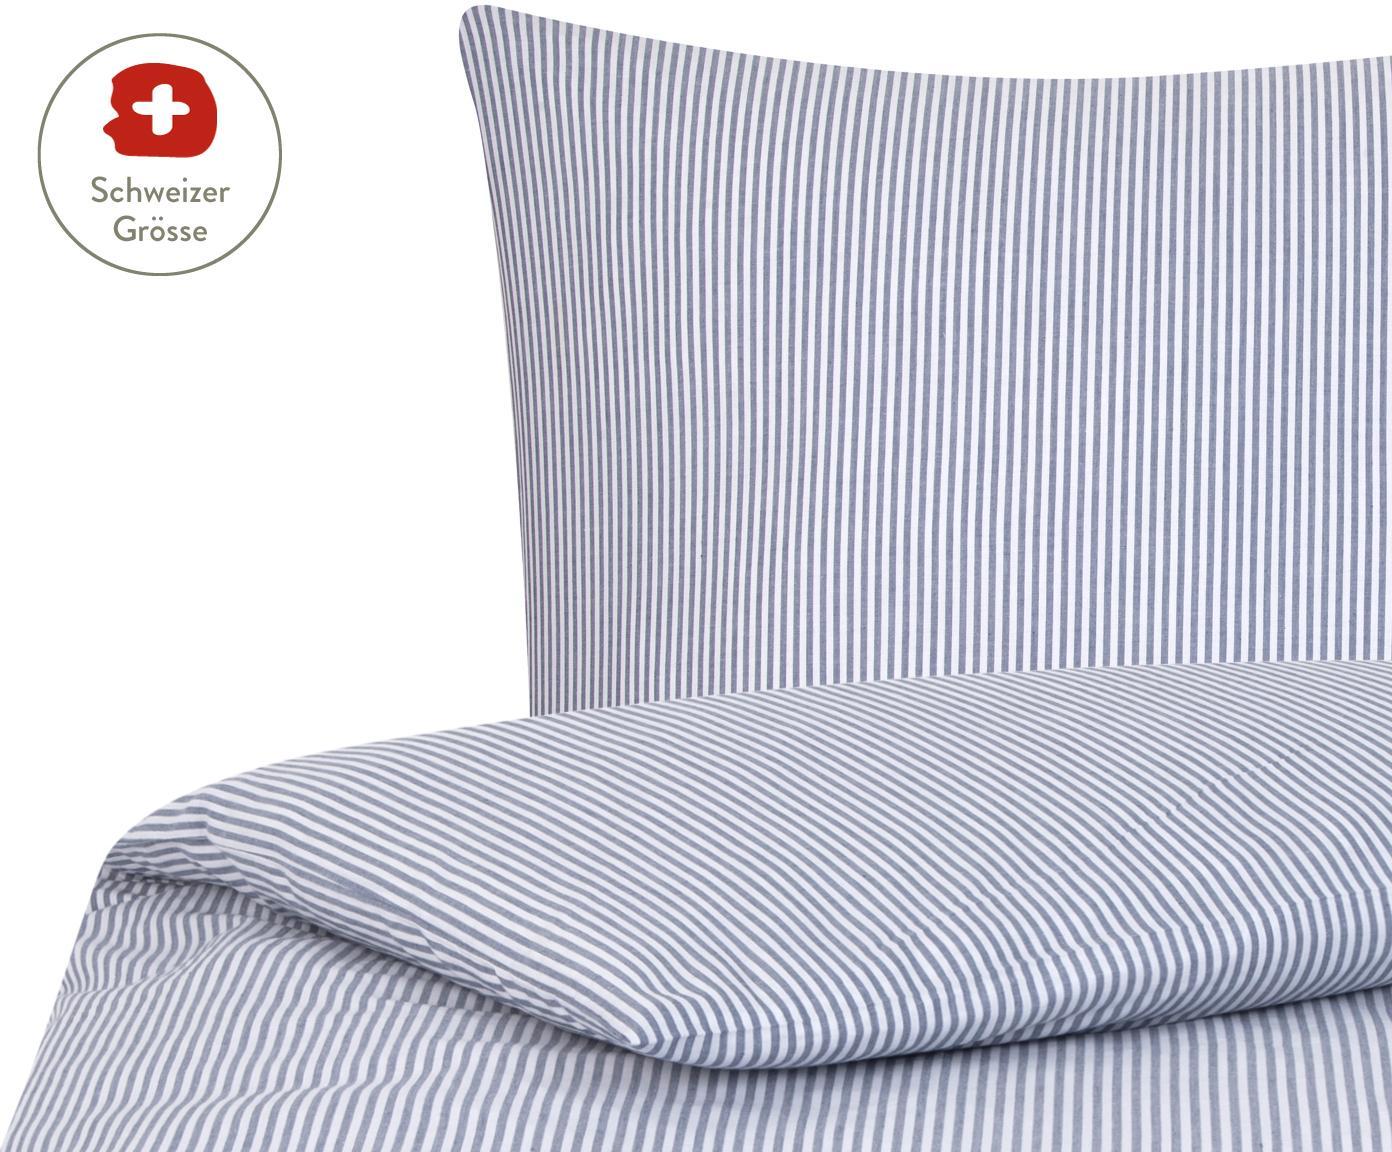 Baumwoll-Bettdeckenbezug Ellie, fein gestreift, Webart: Renforcé, Weiss, Dunkelblau, 160 x 210 cm